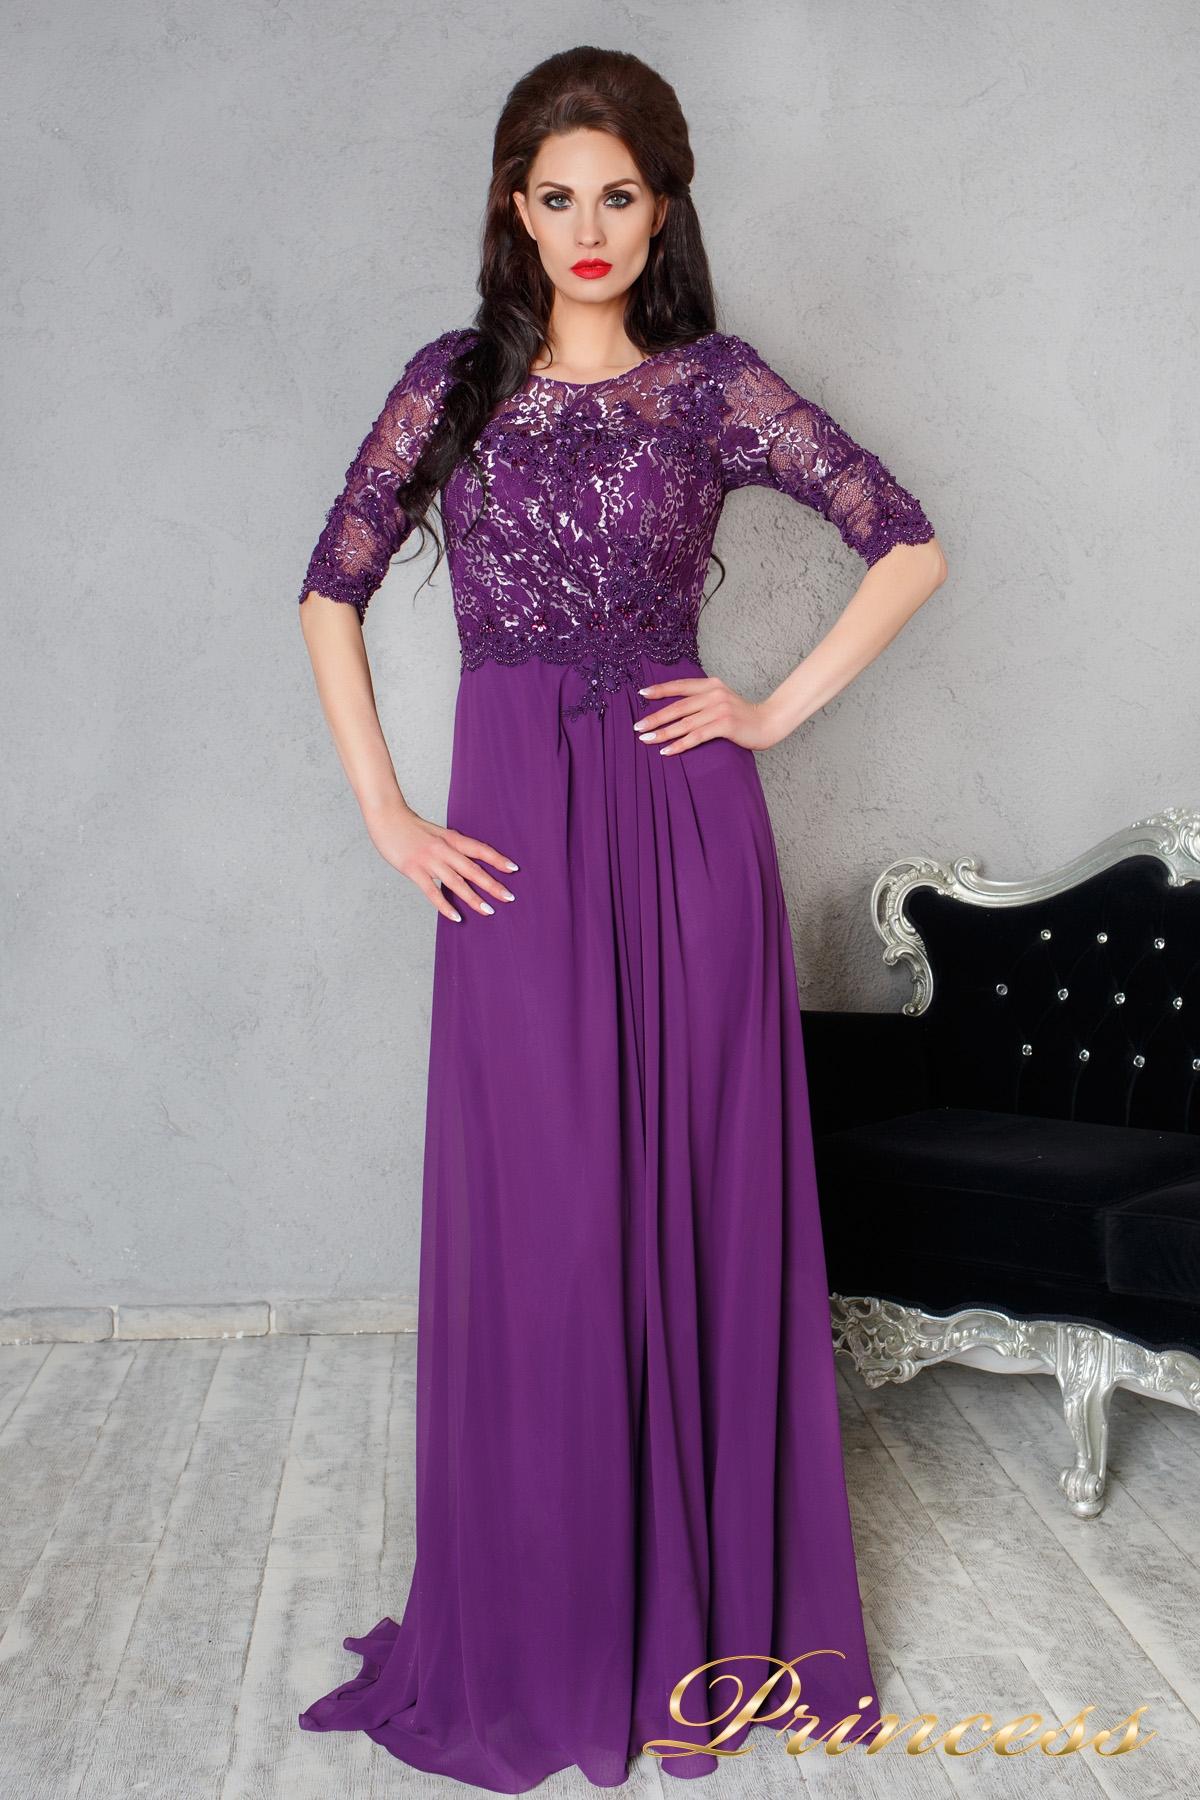 bf4bd4fcd96 Купить вечернее платье 140956 фиолетового цвета по цене 15000 руб. в ...